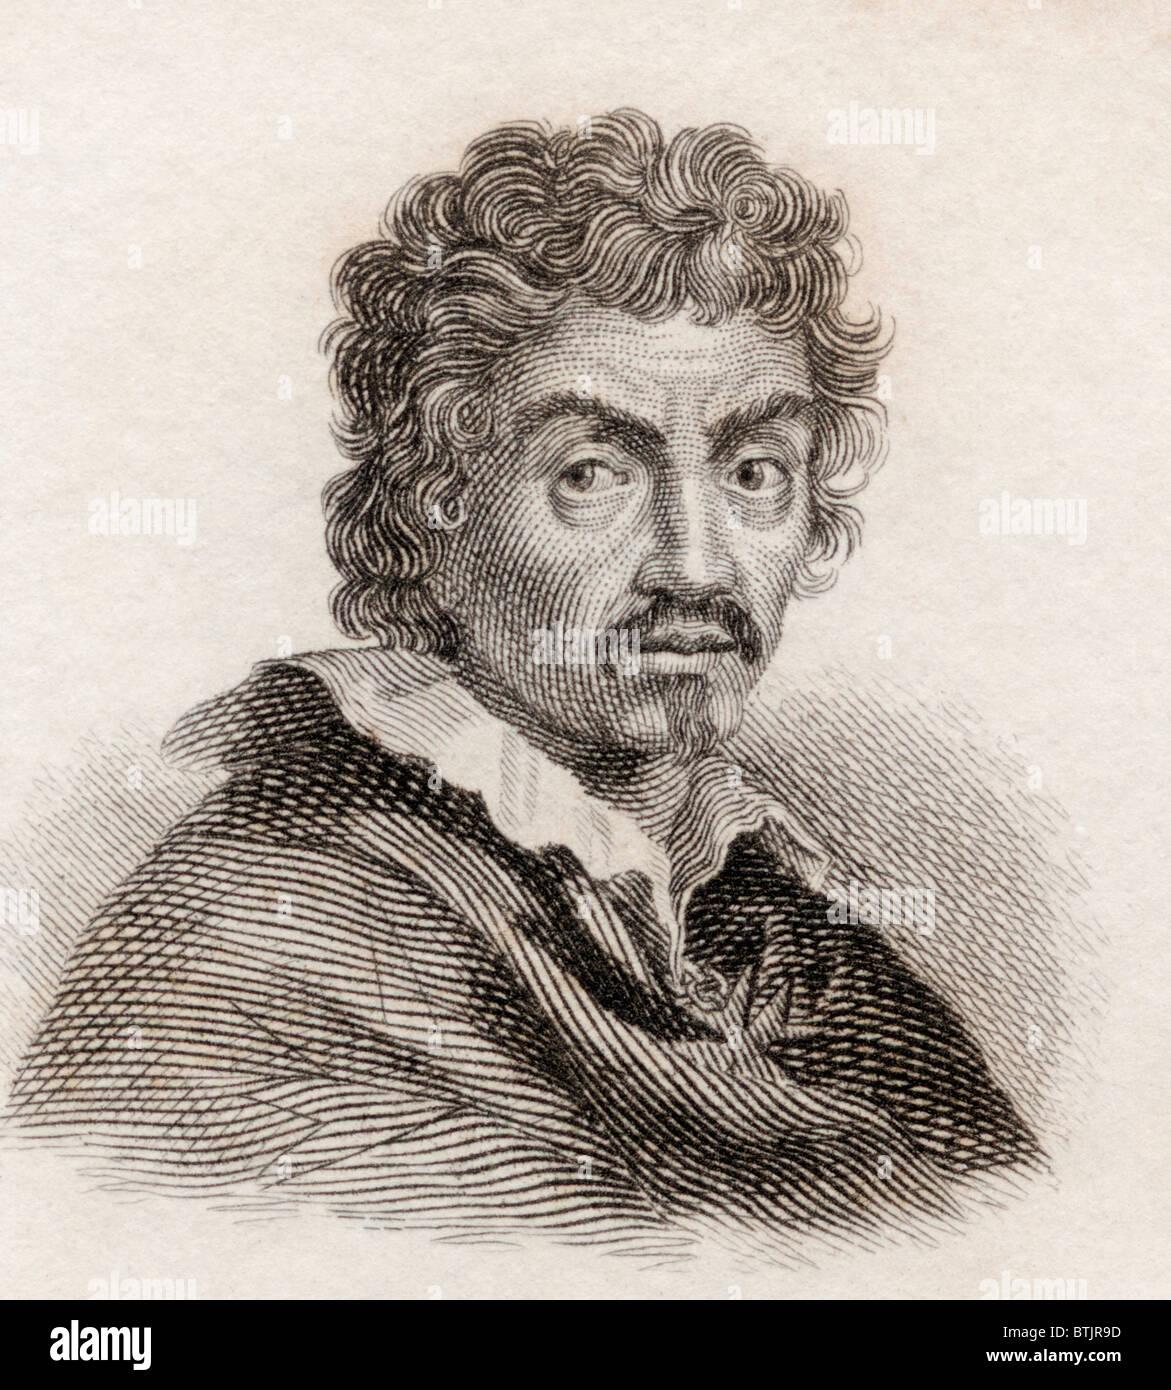 Michelangelo Merisi da Caravaggio, 1571 to 1610. Italian artist. - Stock Image